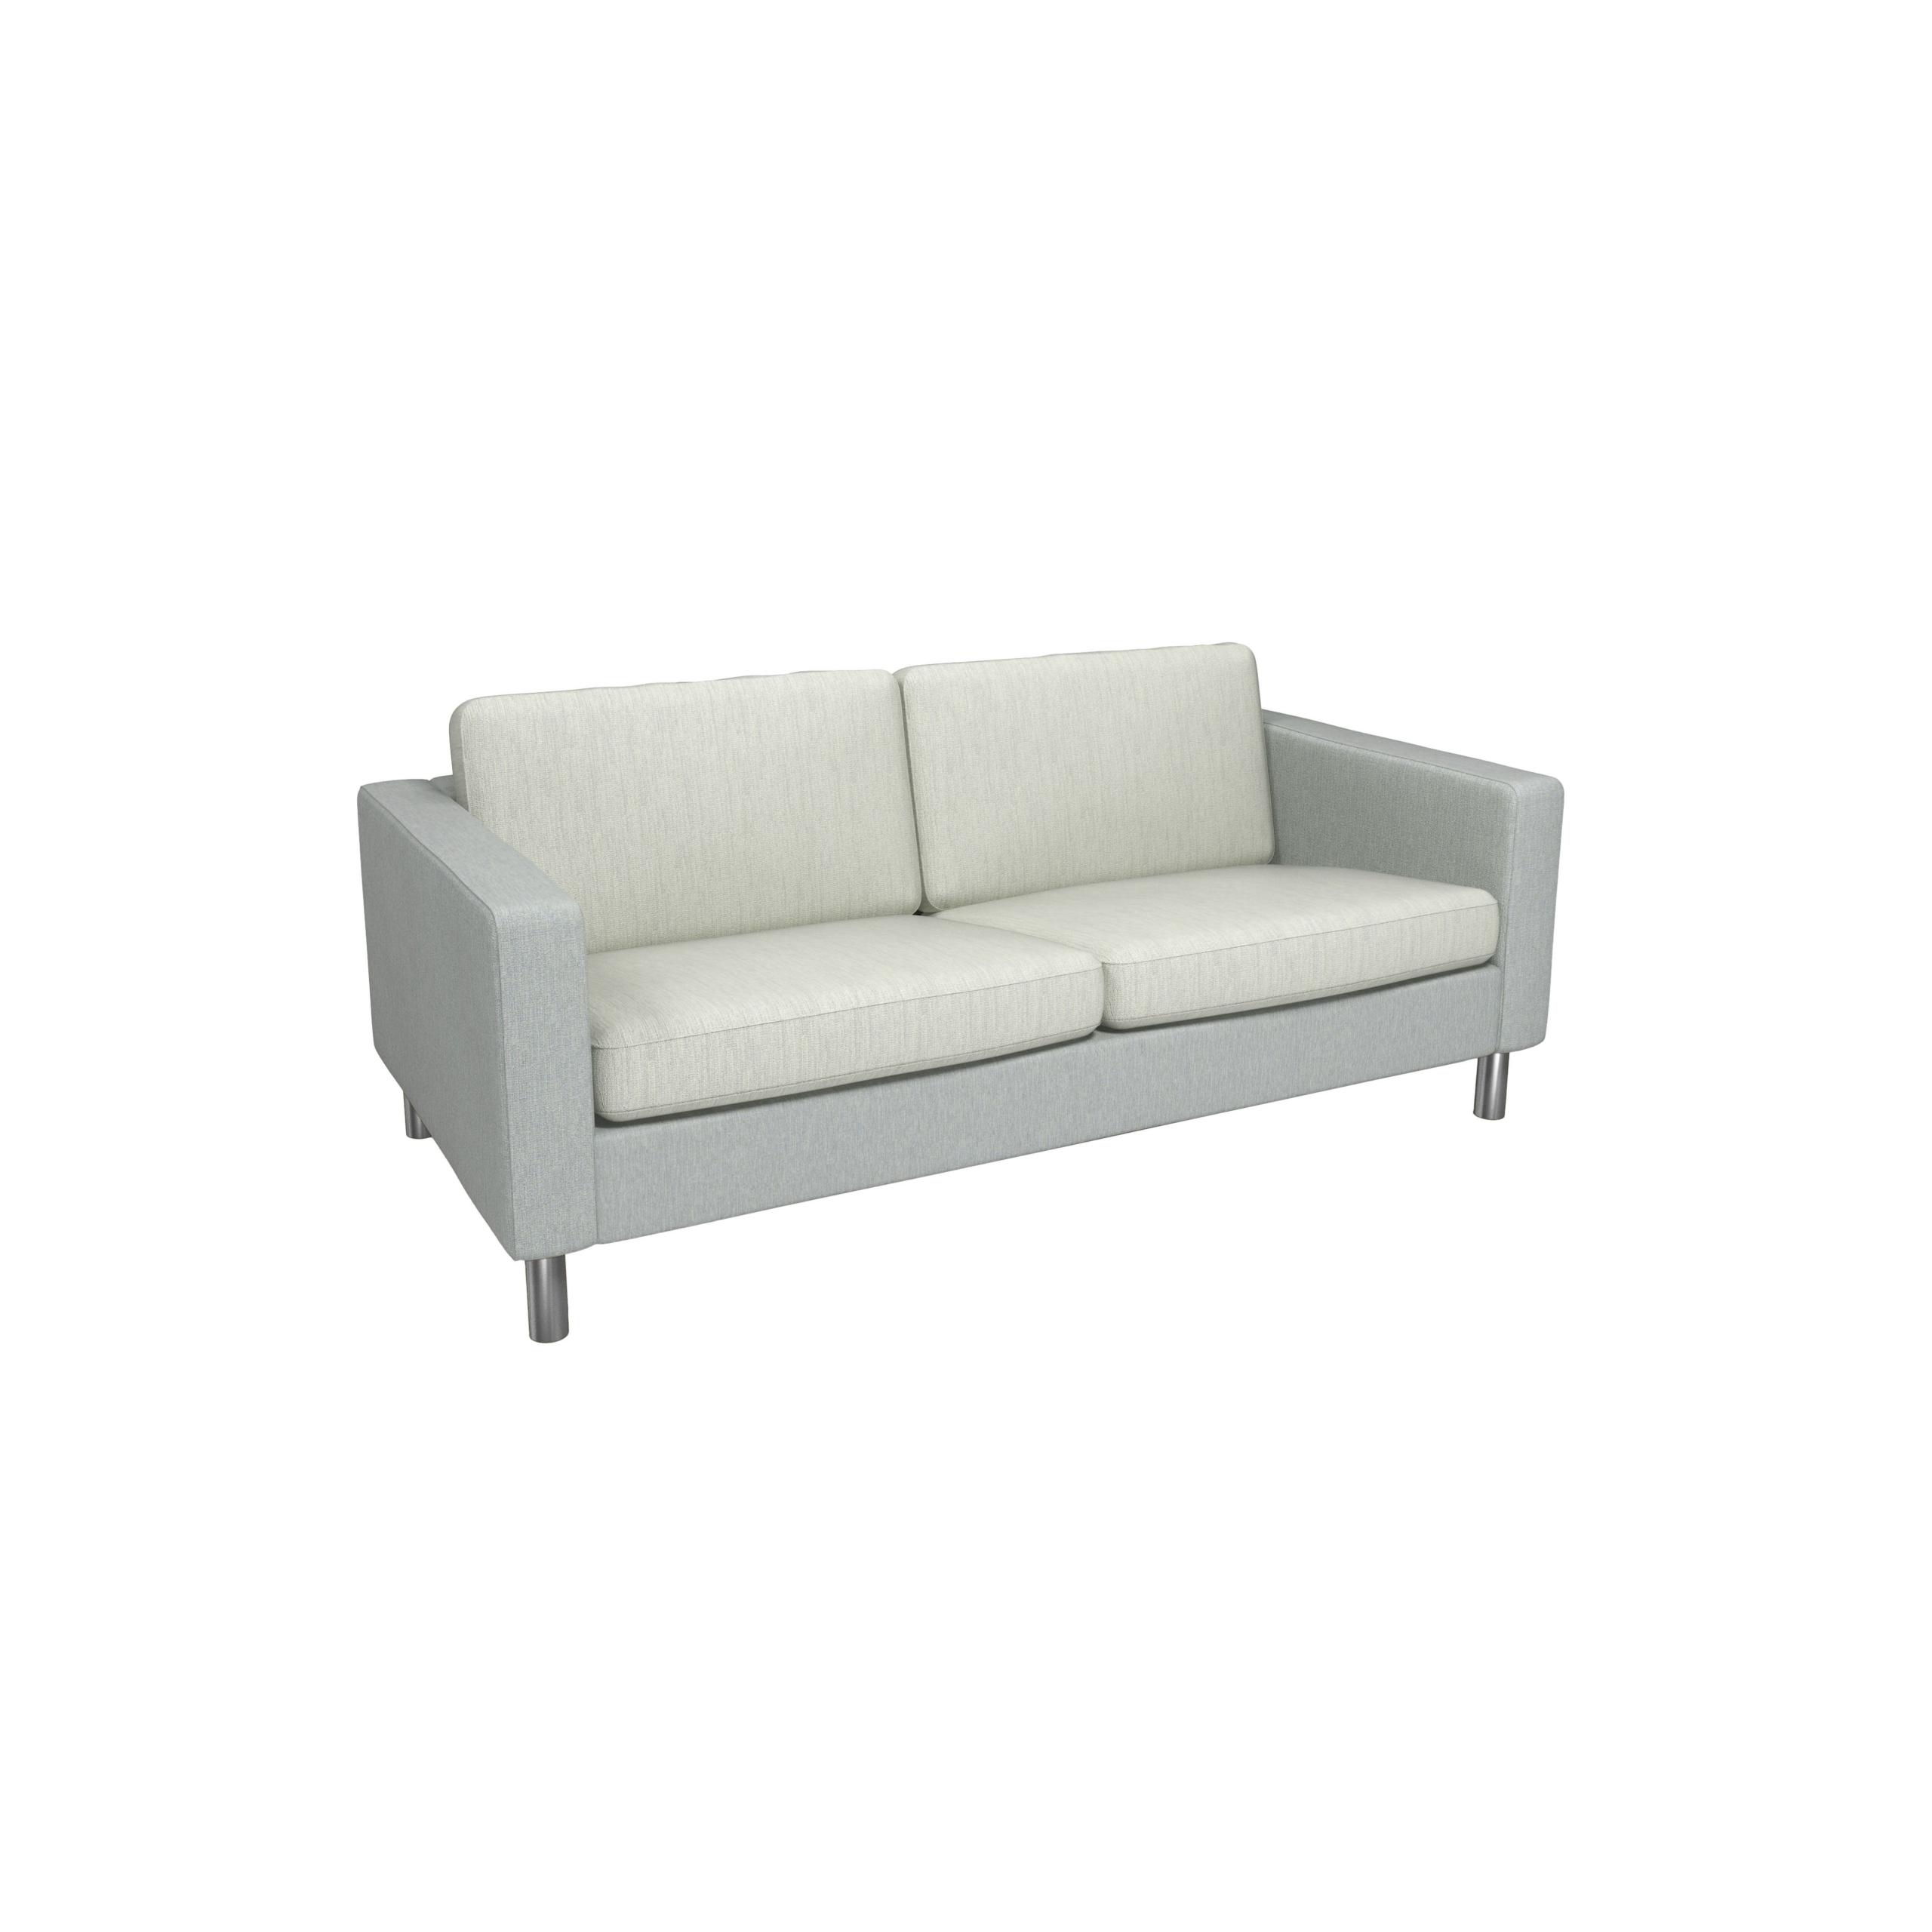 Pure Sofa product image 2